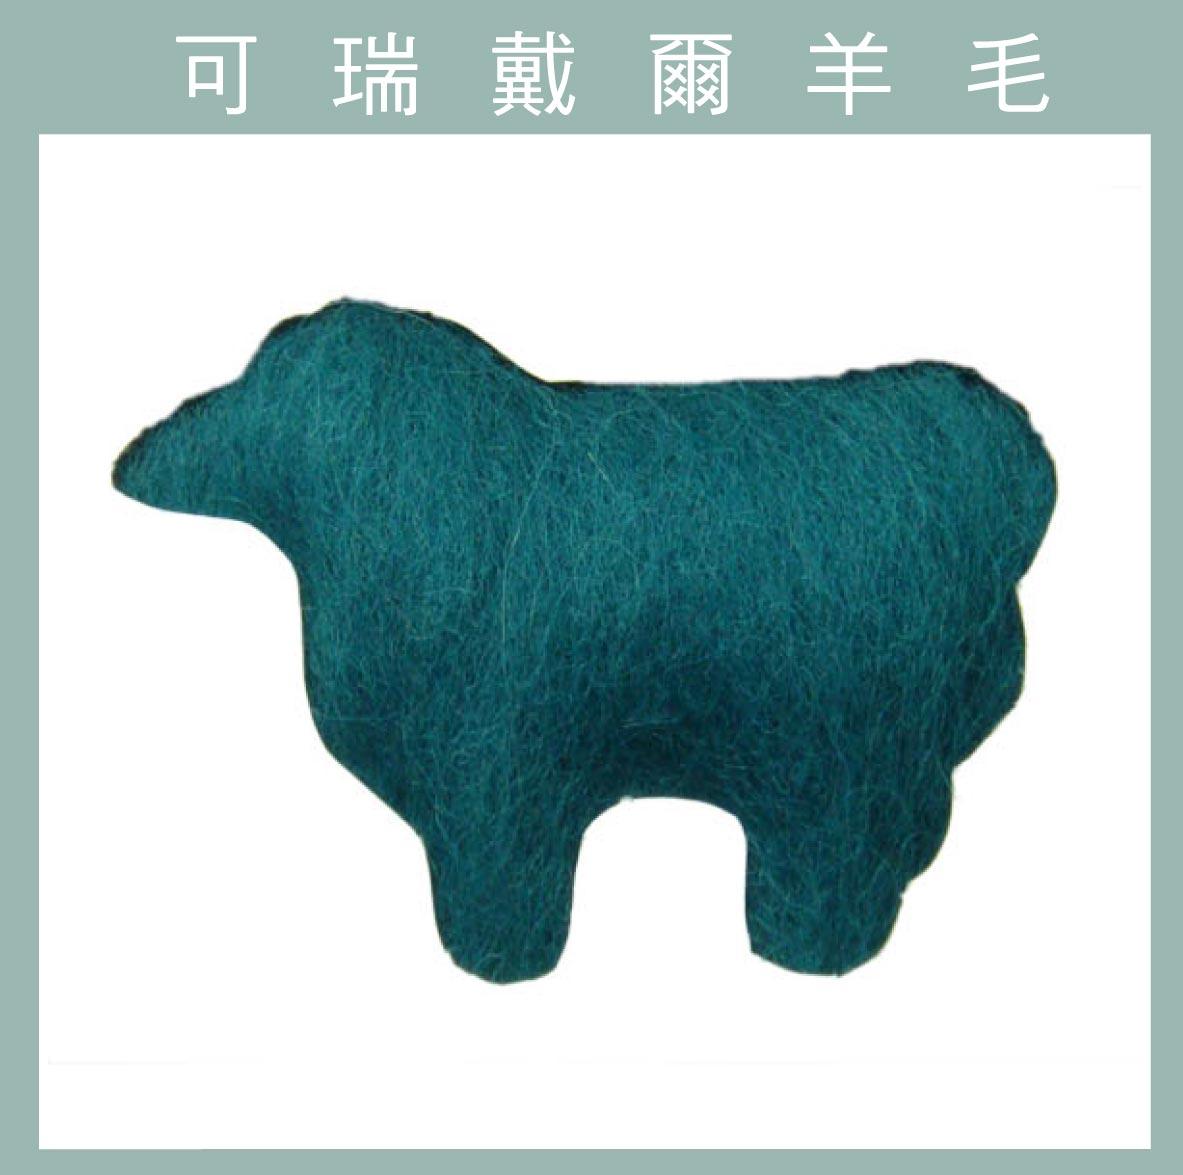 紐西蘭ASHFORD-可瑞戴爾羊毛[10克]C12薄荷綠